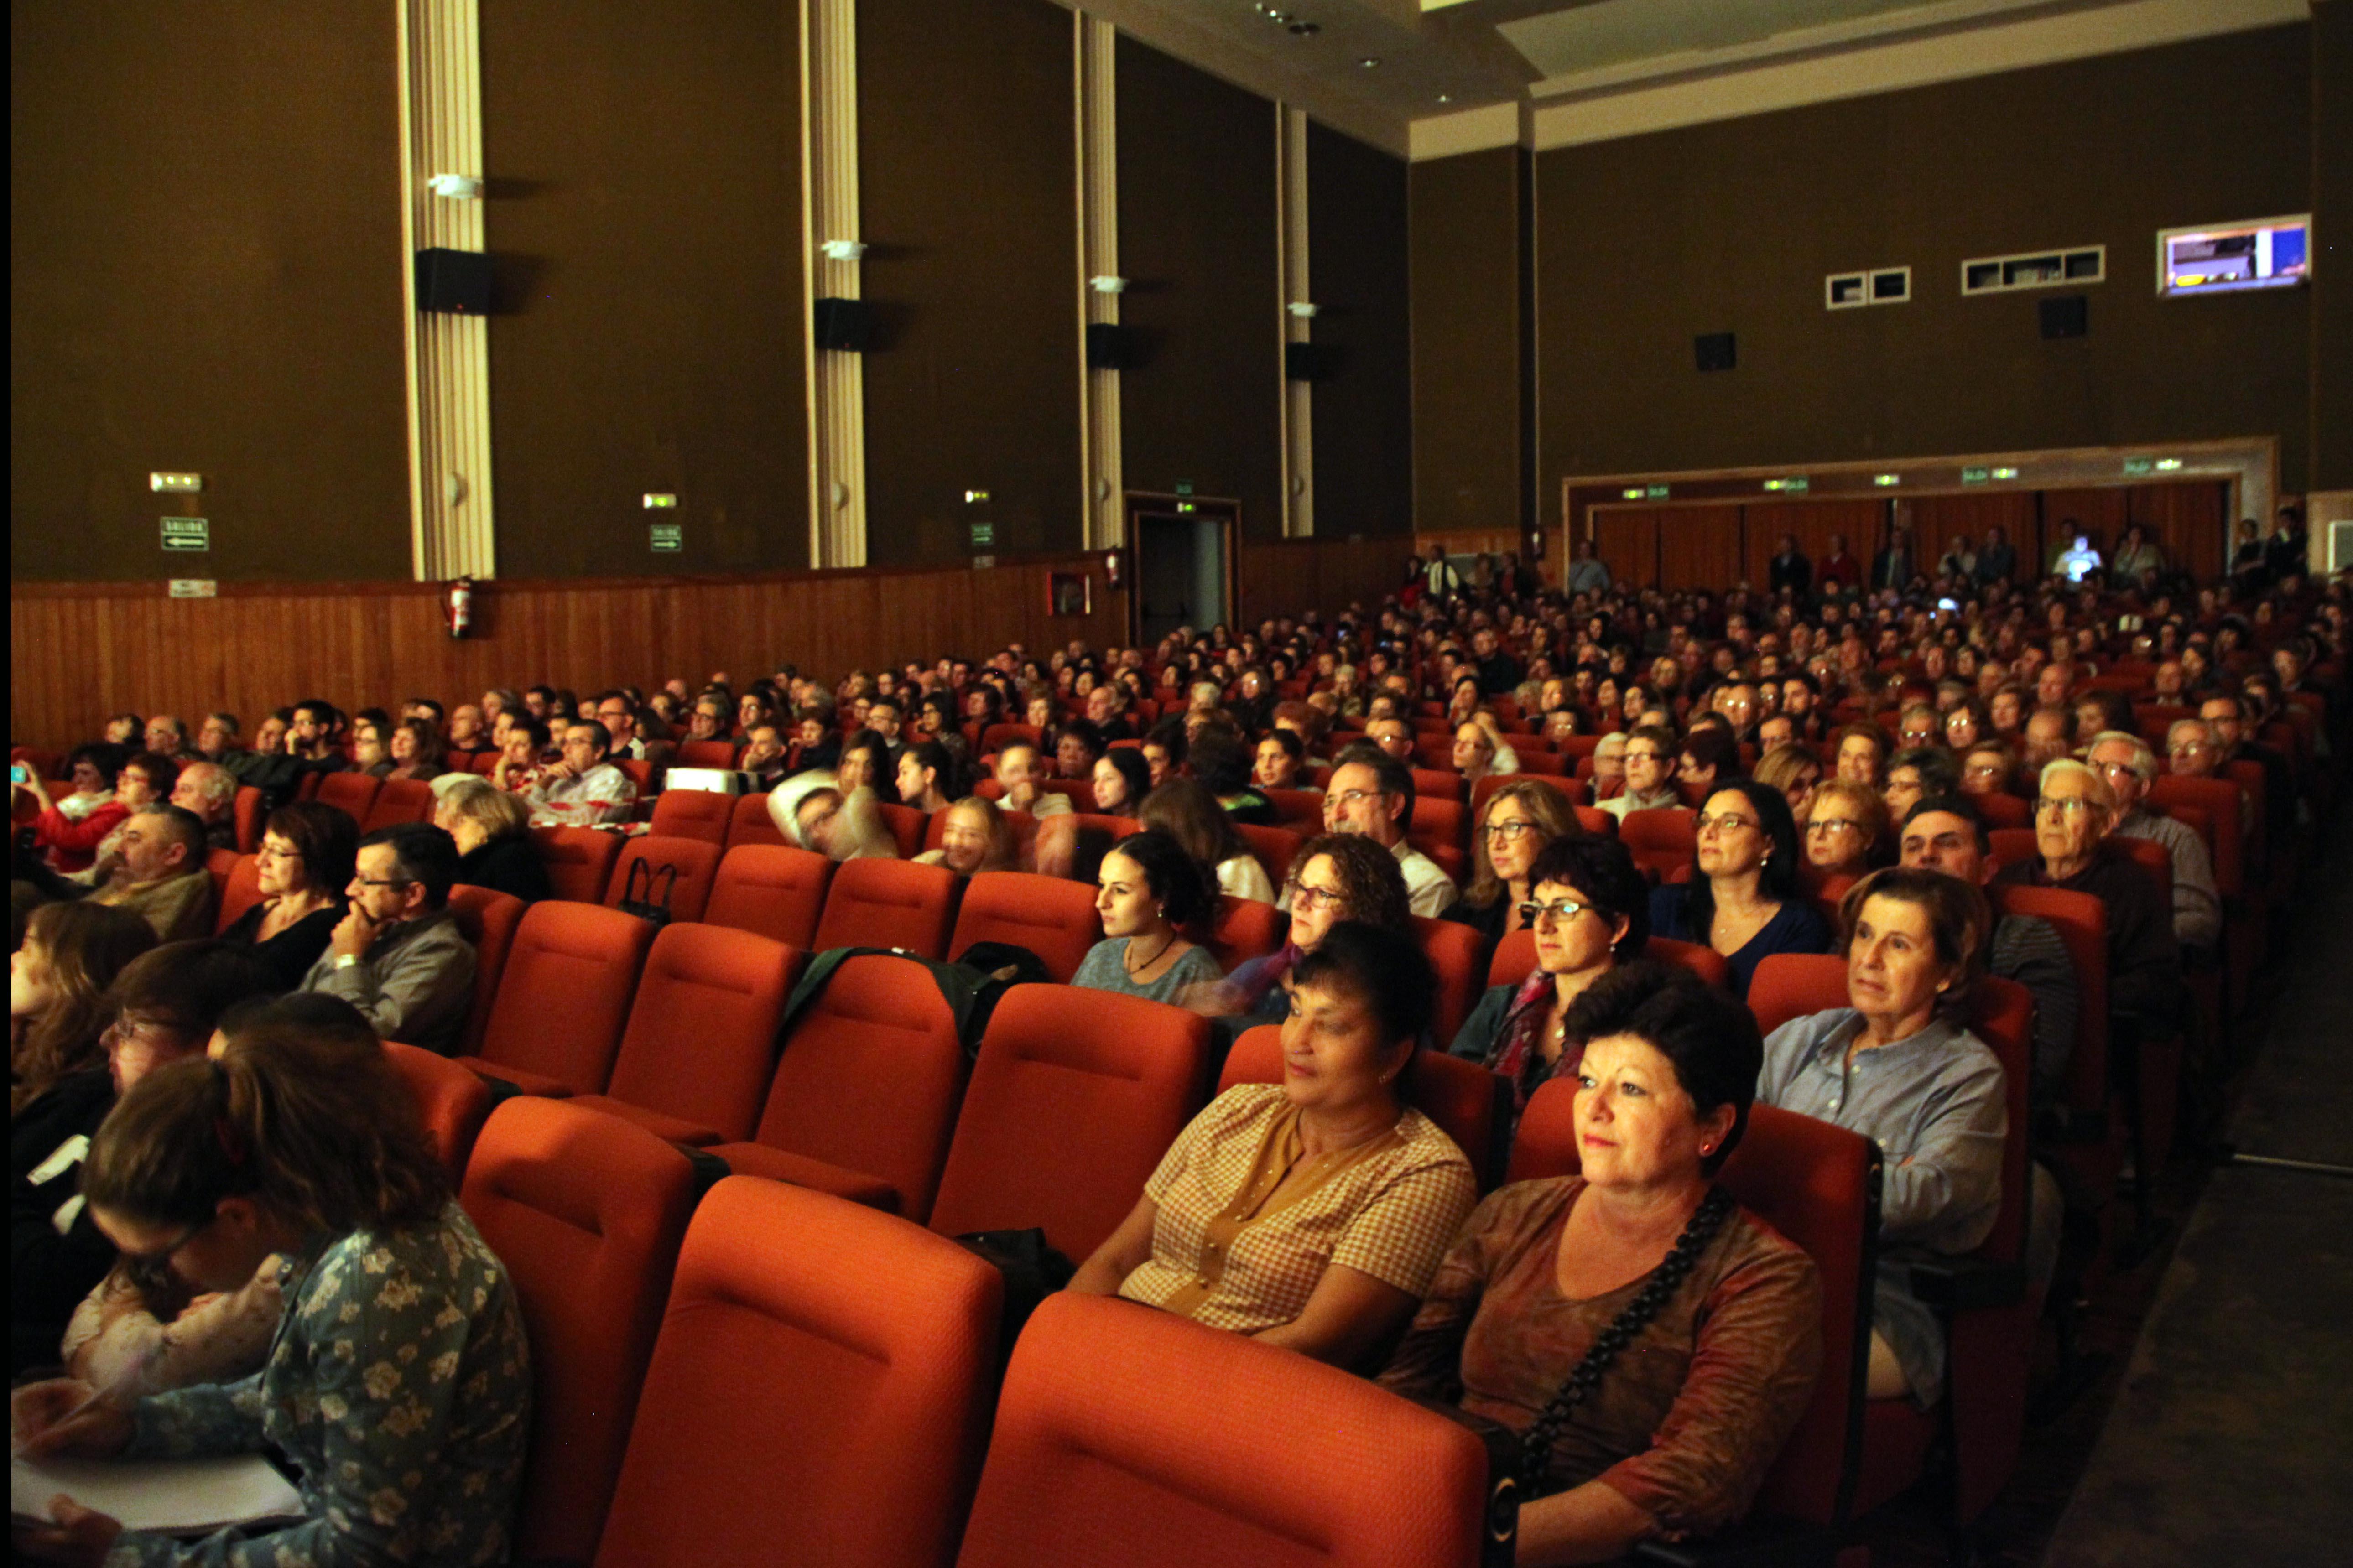 39 funcions i 7.500 espectadors en el primer cicle de projeccions de 'Cap a la terra promesa'